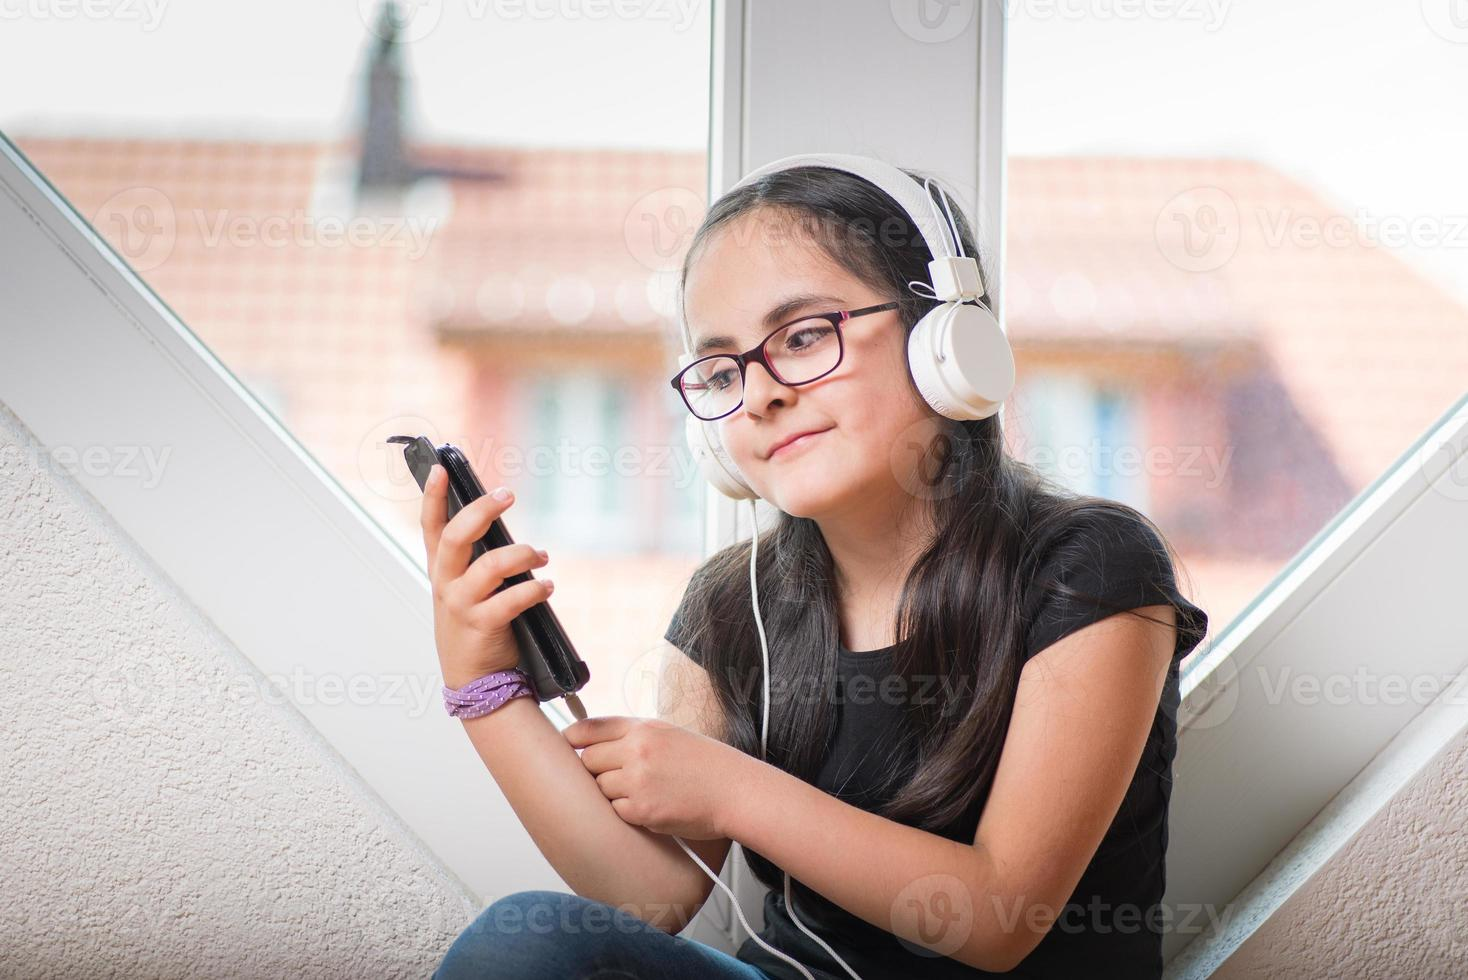 söt tjej med glasögon som lyssnar på musik foto